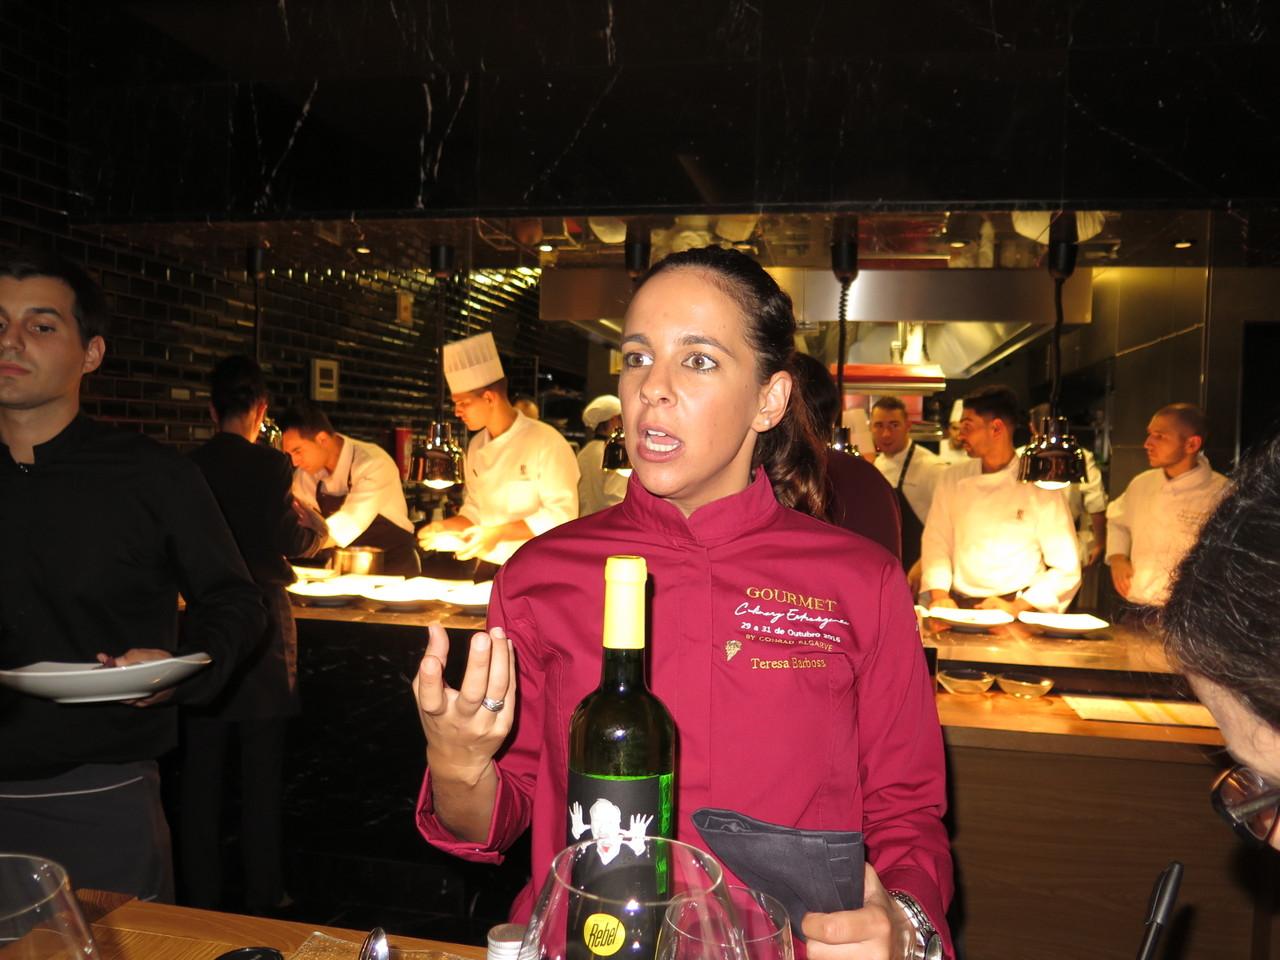 Teresa Barbosa